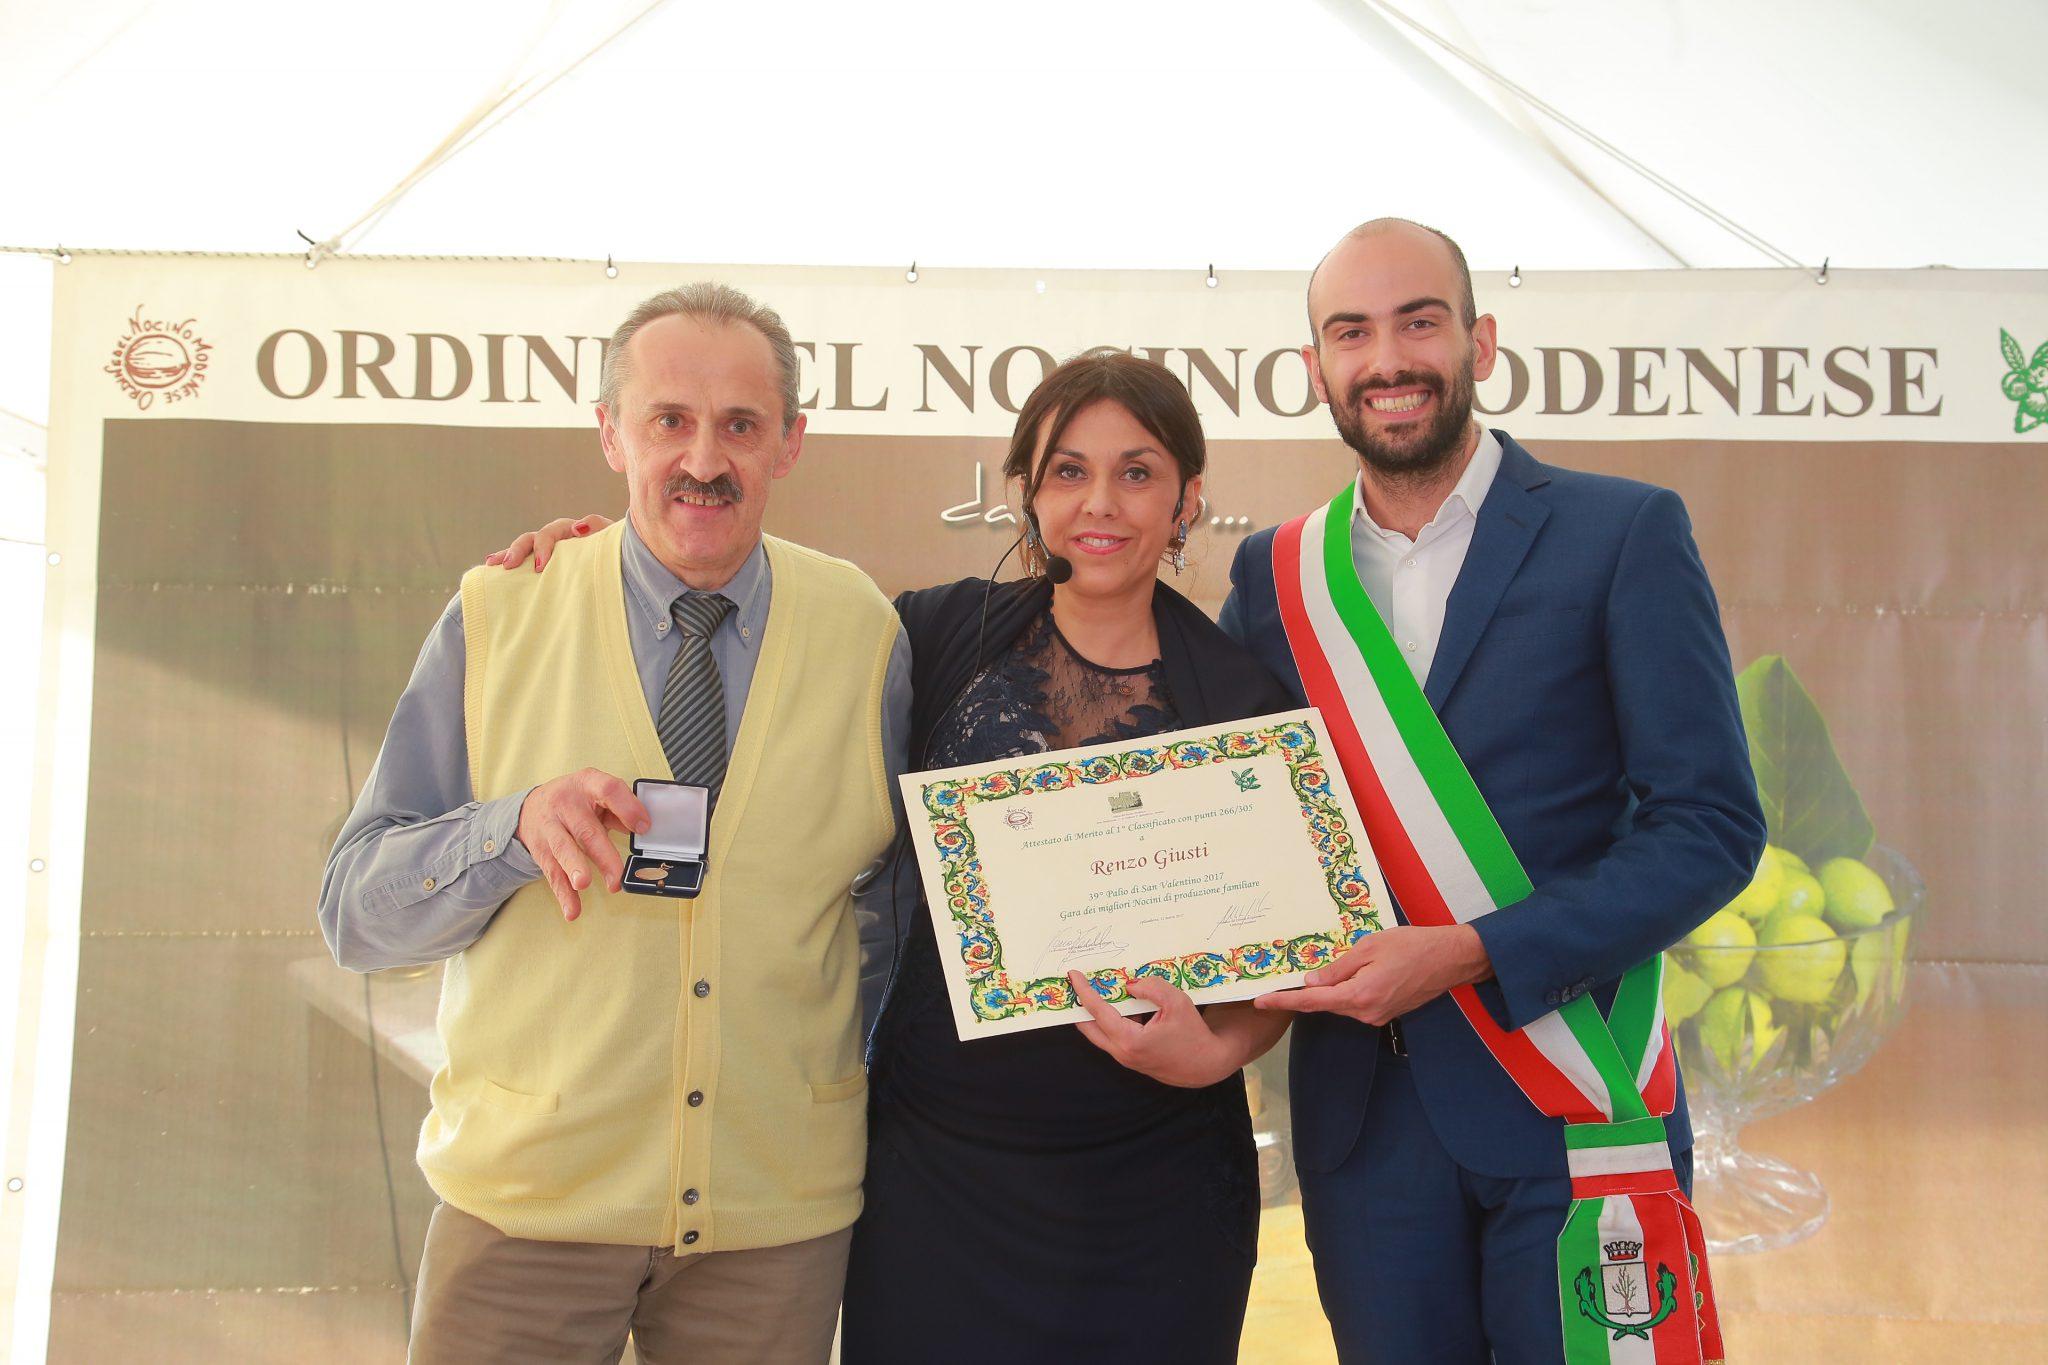 1° Classificato: Renzo Giusti